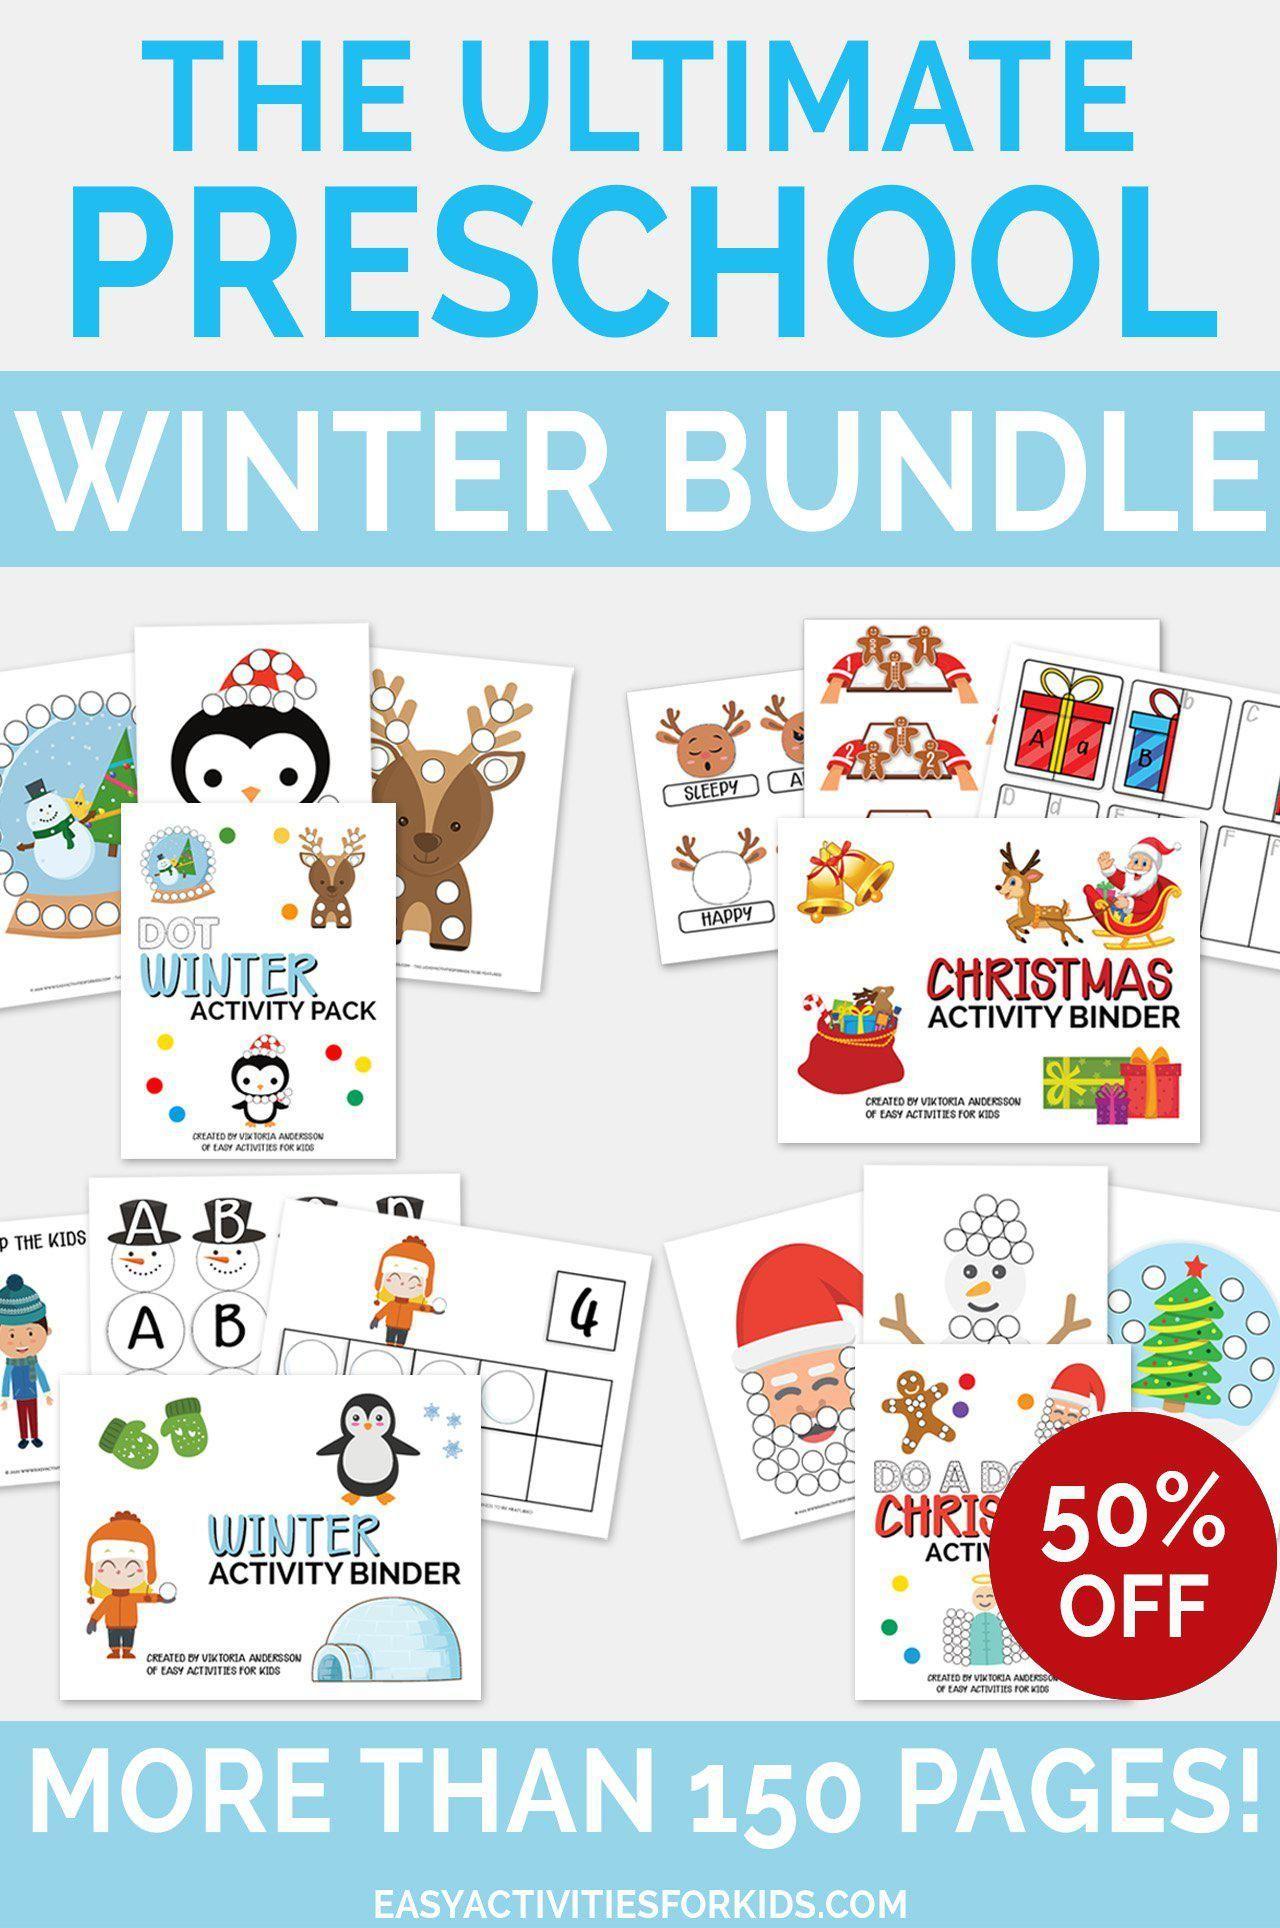 The Ultimate Preschool Winter Bundle Printable Worksheets For Preschoolers Preschool Activities Winter Preschool Preschool